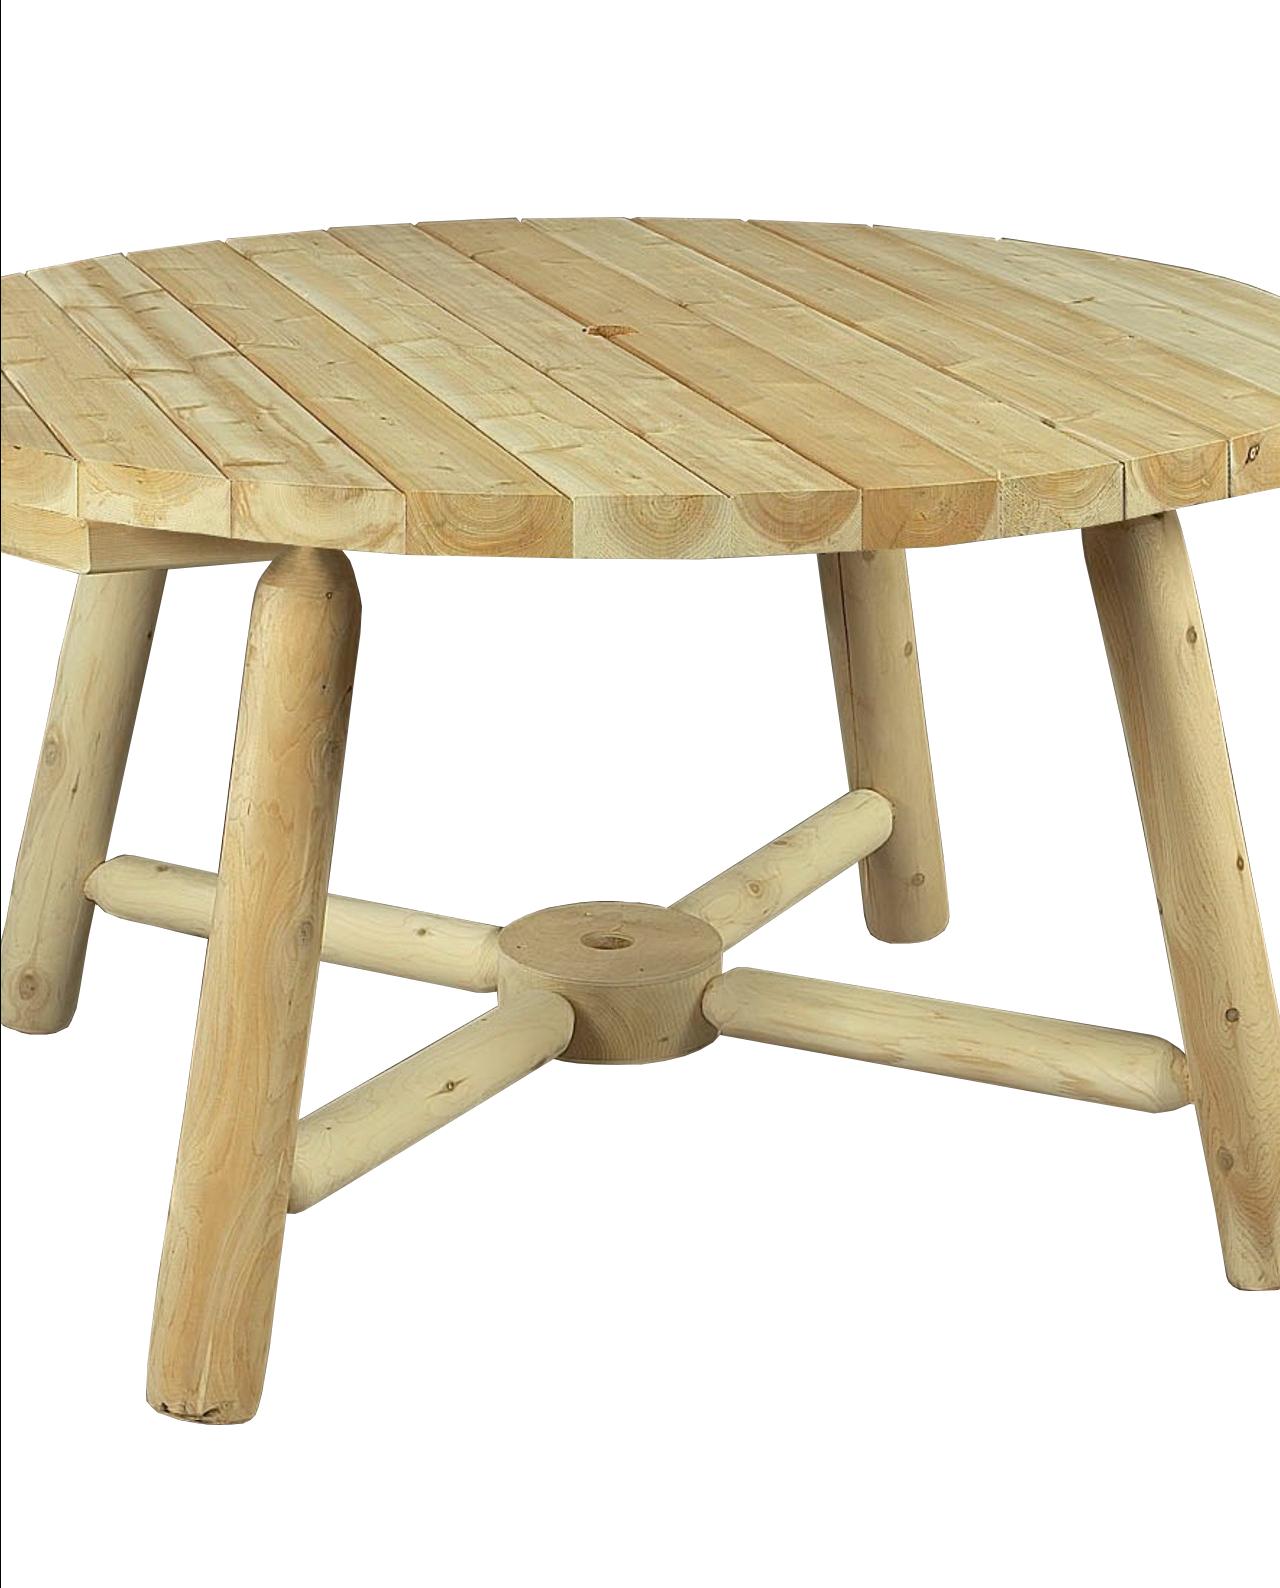 Table De Jardin Parasol Ronde En Bois avec Table De Jardin Ronde En Bois